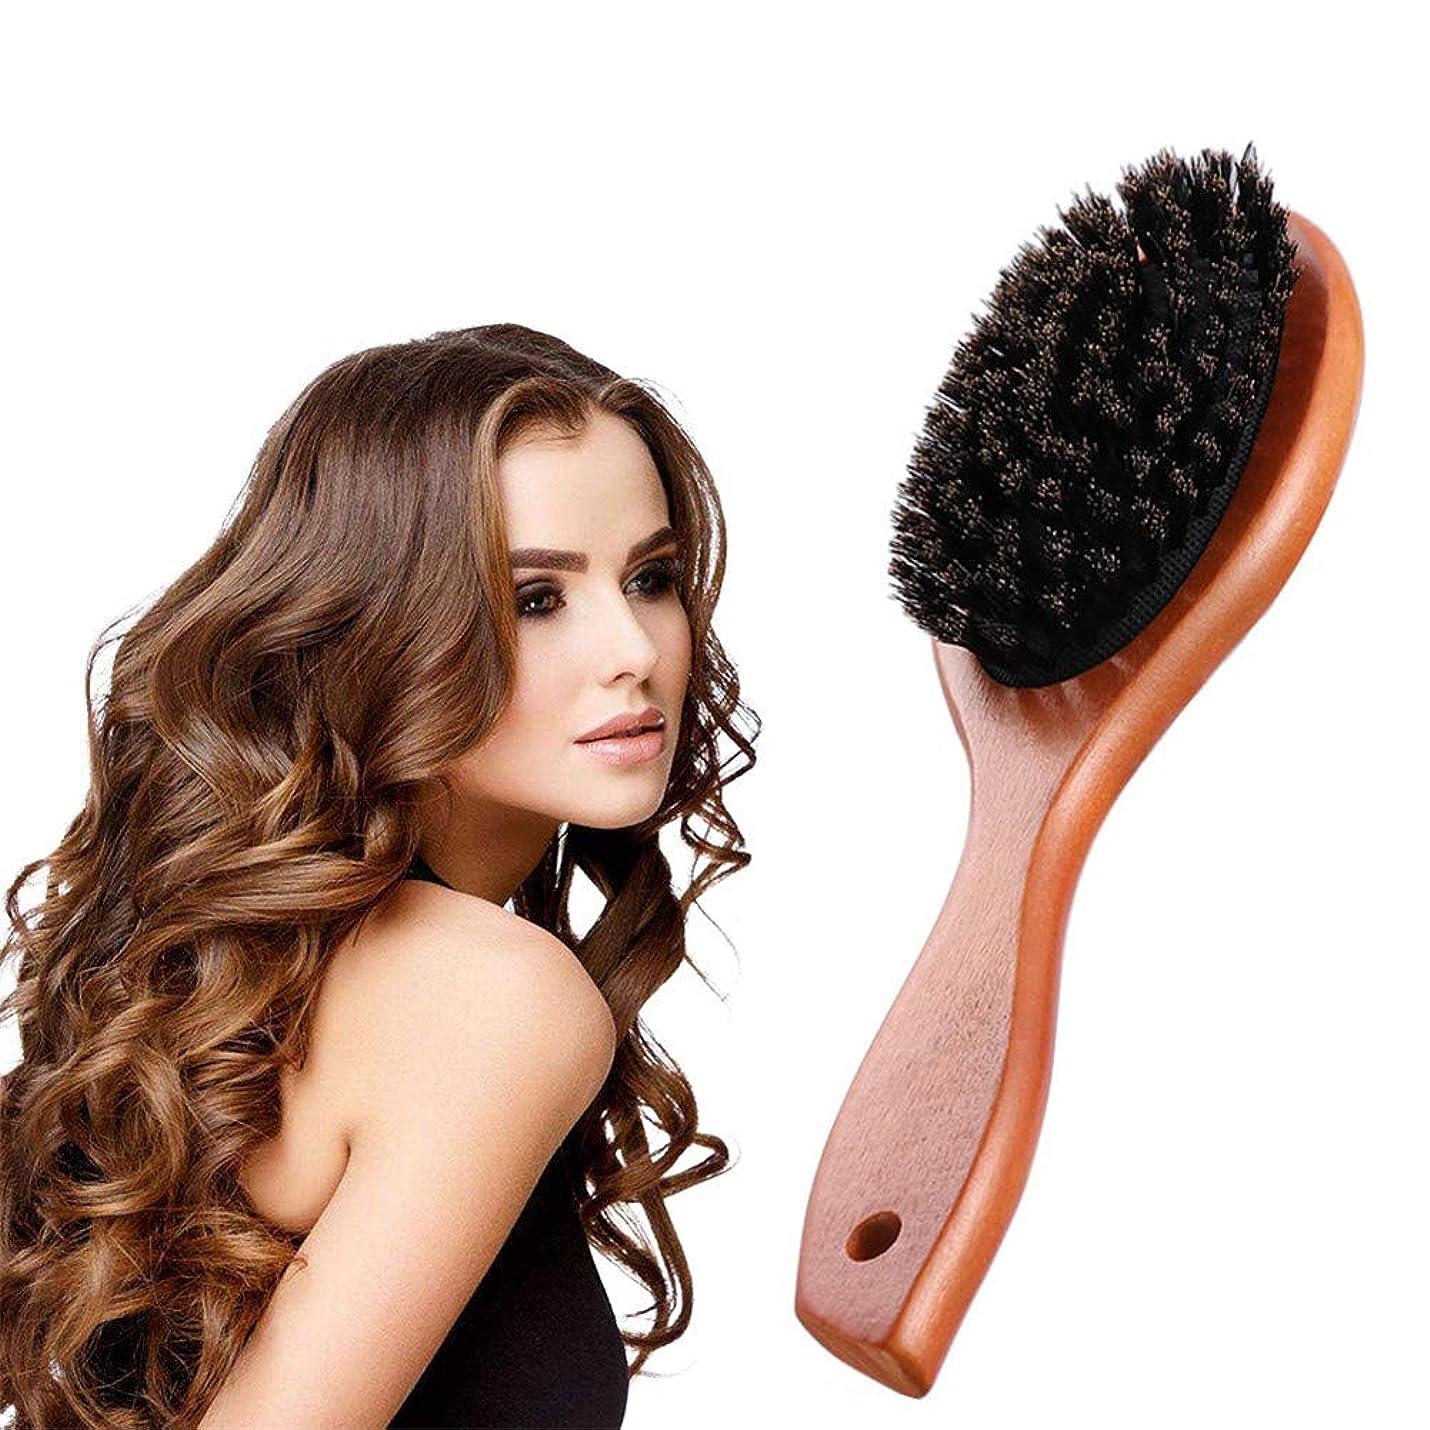 ゆり勇敢な過去帯電防止くし形くし形カーリー波状ストレートドライウェットまたは薄い髪の男性と女性に適した耐熱性天然剛毛くし